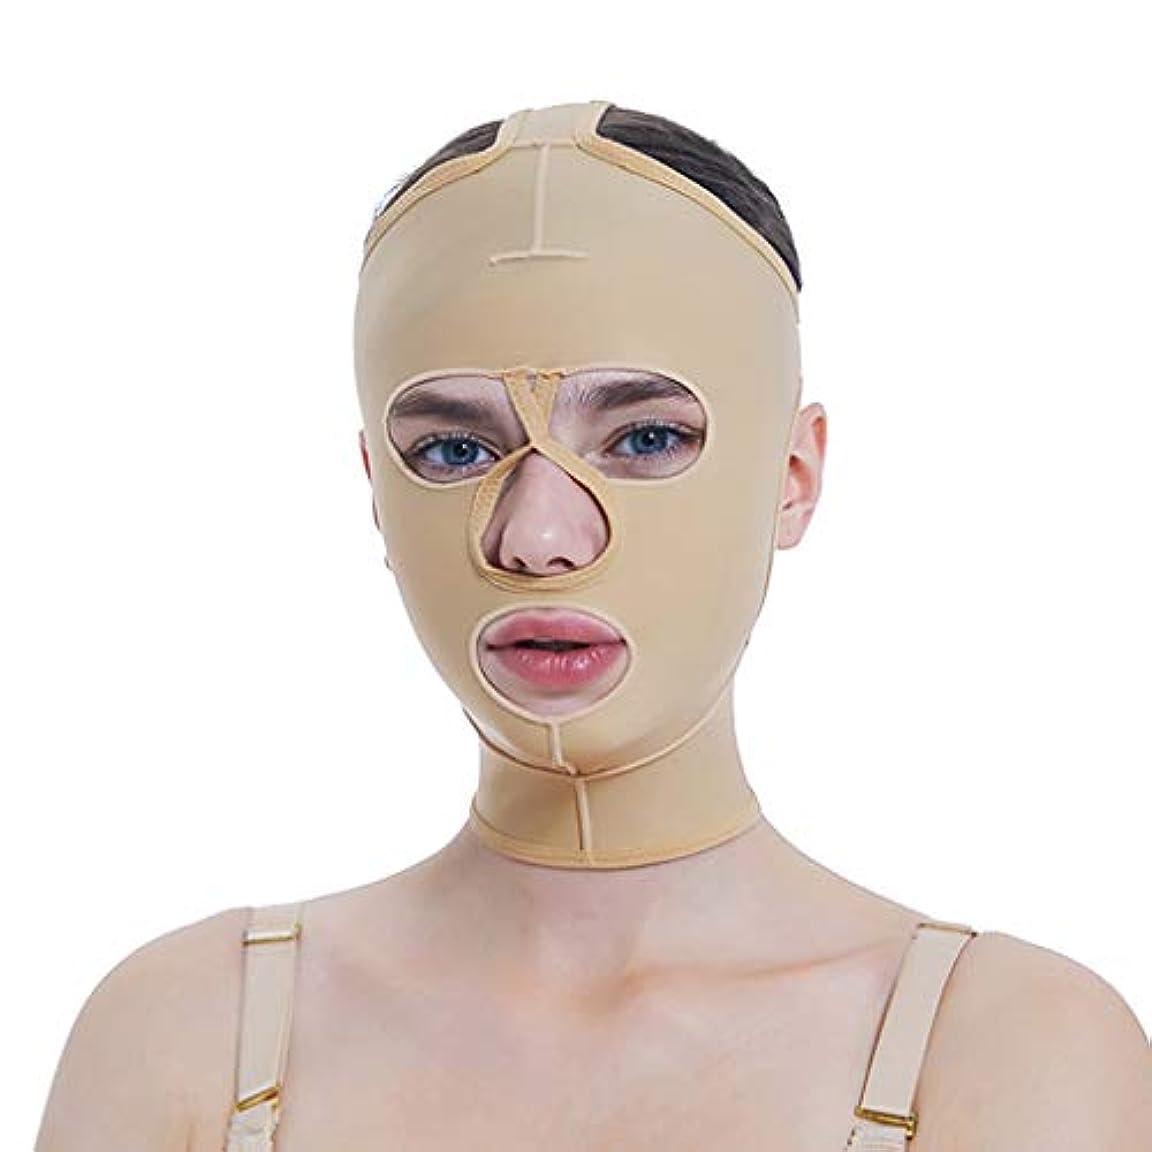 だらしない韓国指定する脂肪吸引成形マスク、薄手かつらVフェイスビームフェイス弾性スリーブマルチサイズオプション (Size : S)